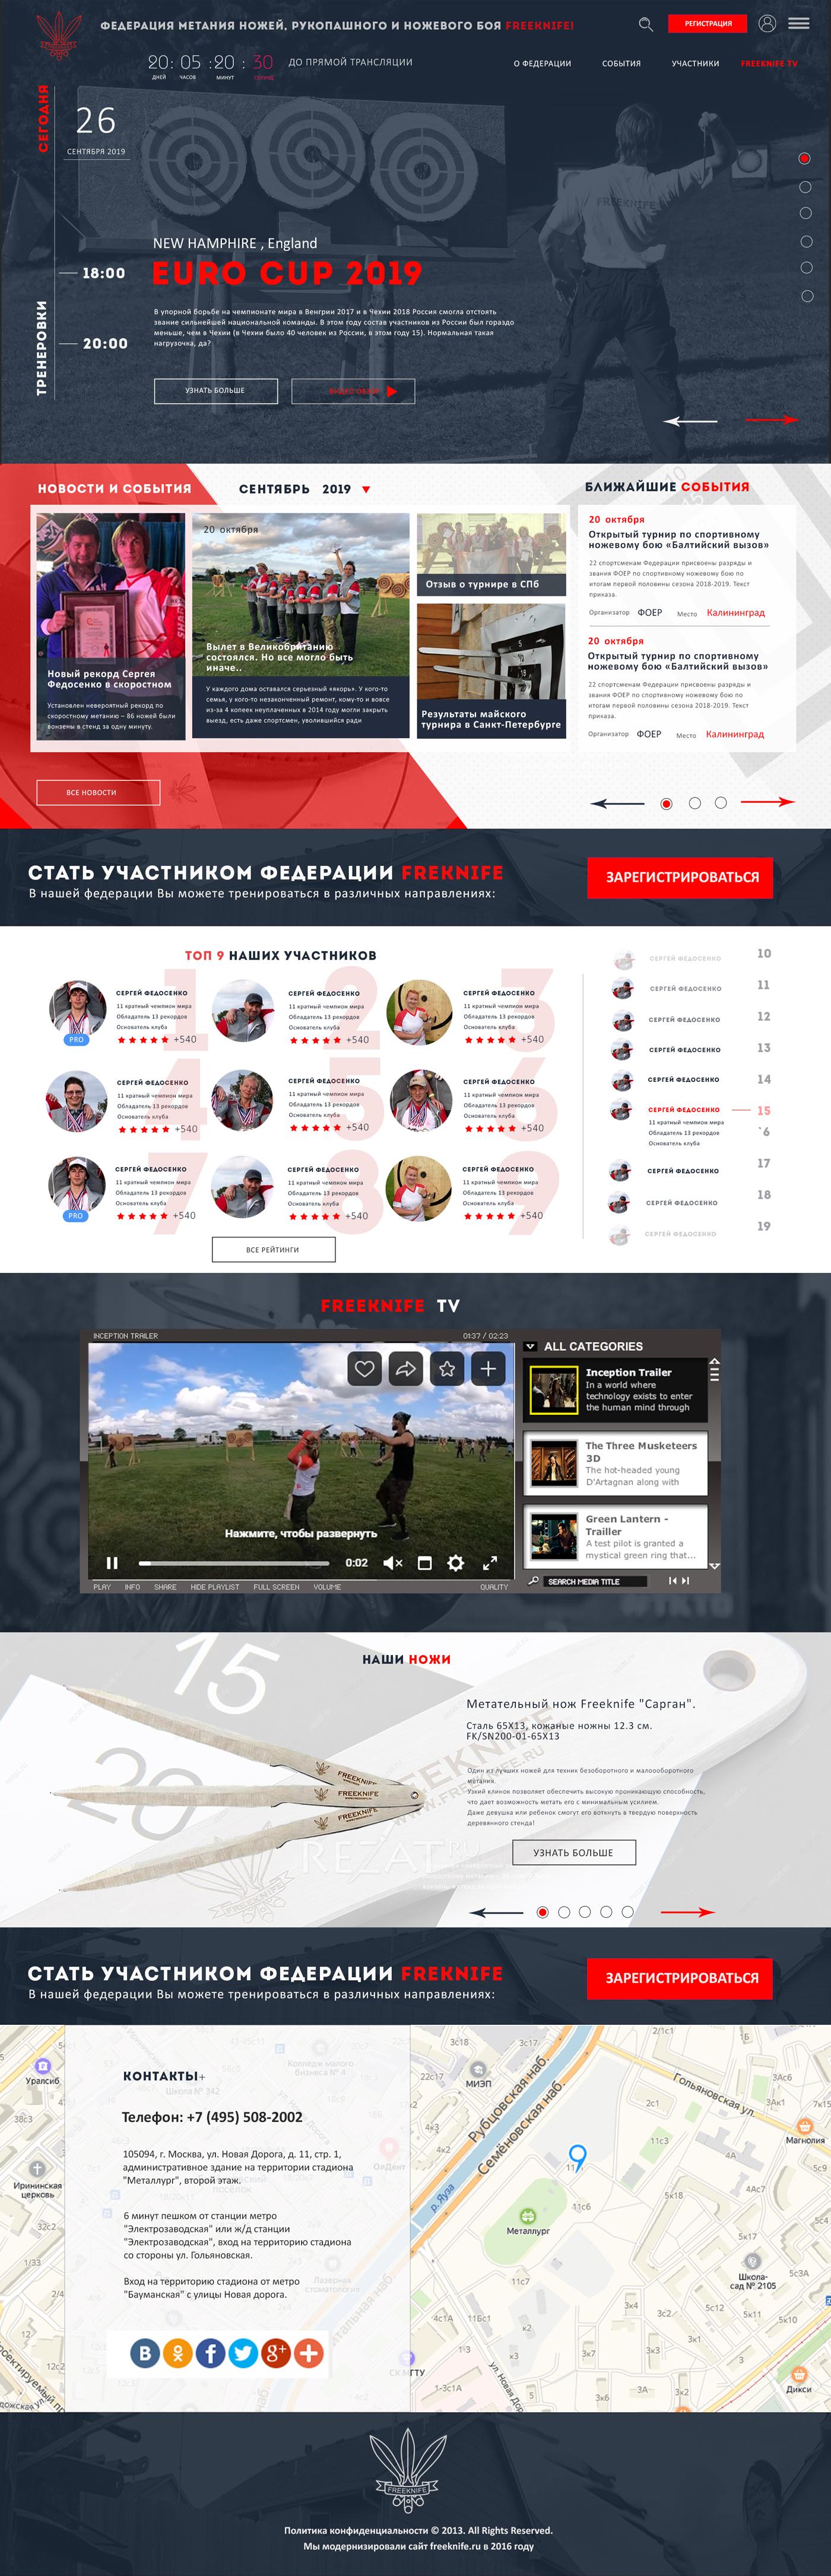 Дизайн сайта для фередрации метания ножей